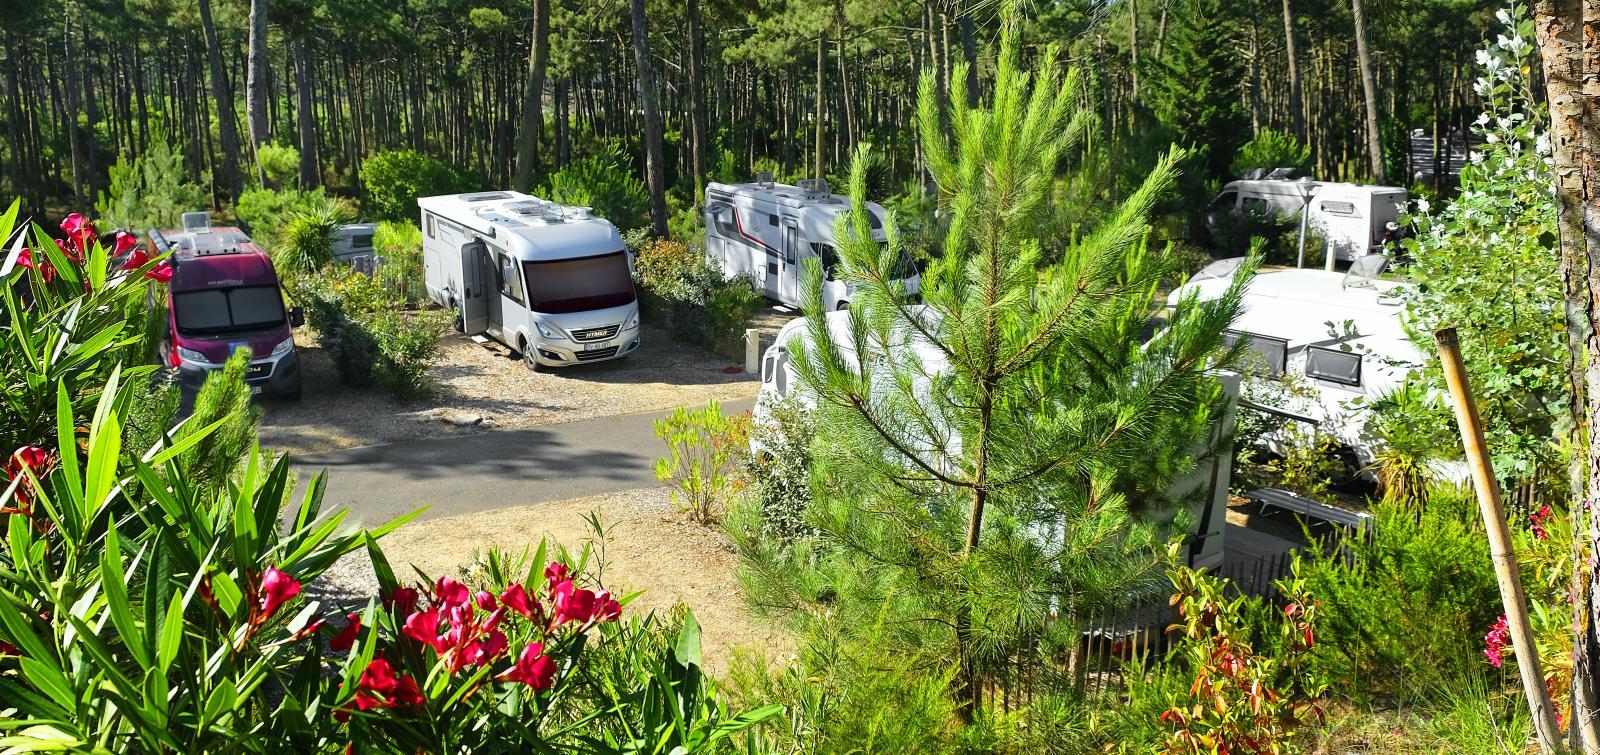 Med husbil kan du välja mellan att stanna till på campingar med full service eller på en enklare rastplats invid en sjö.